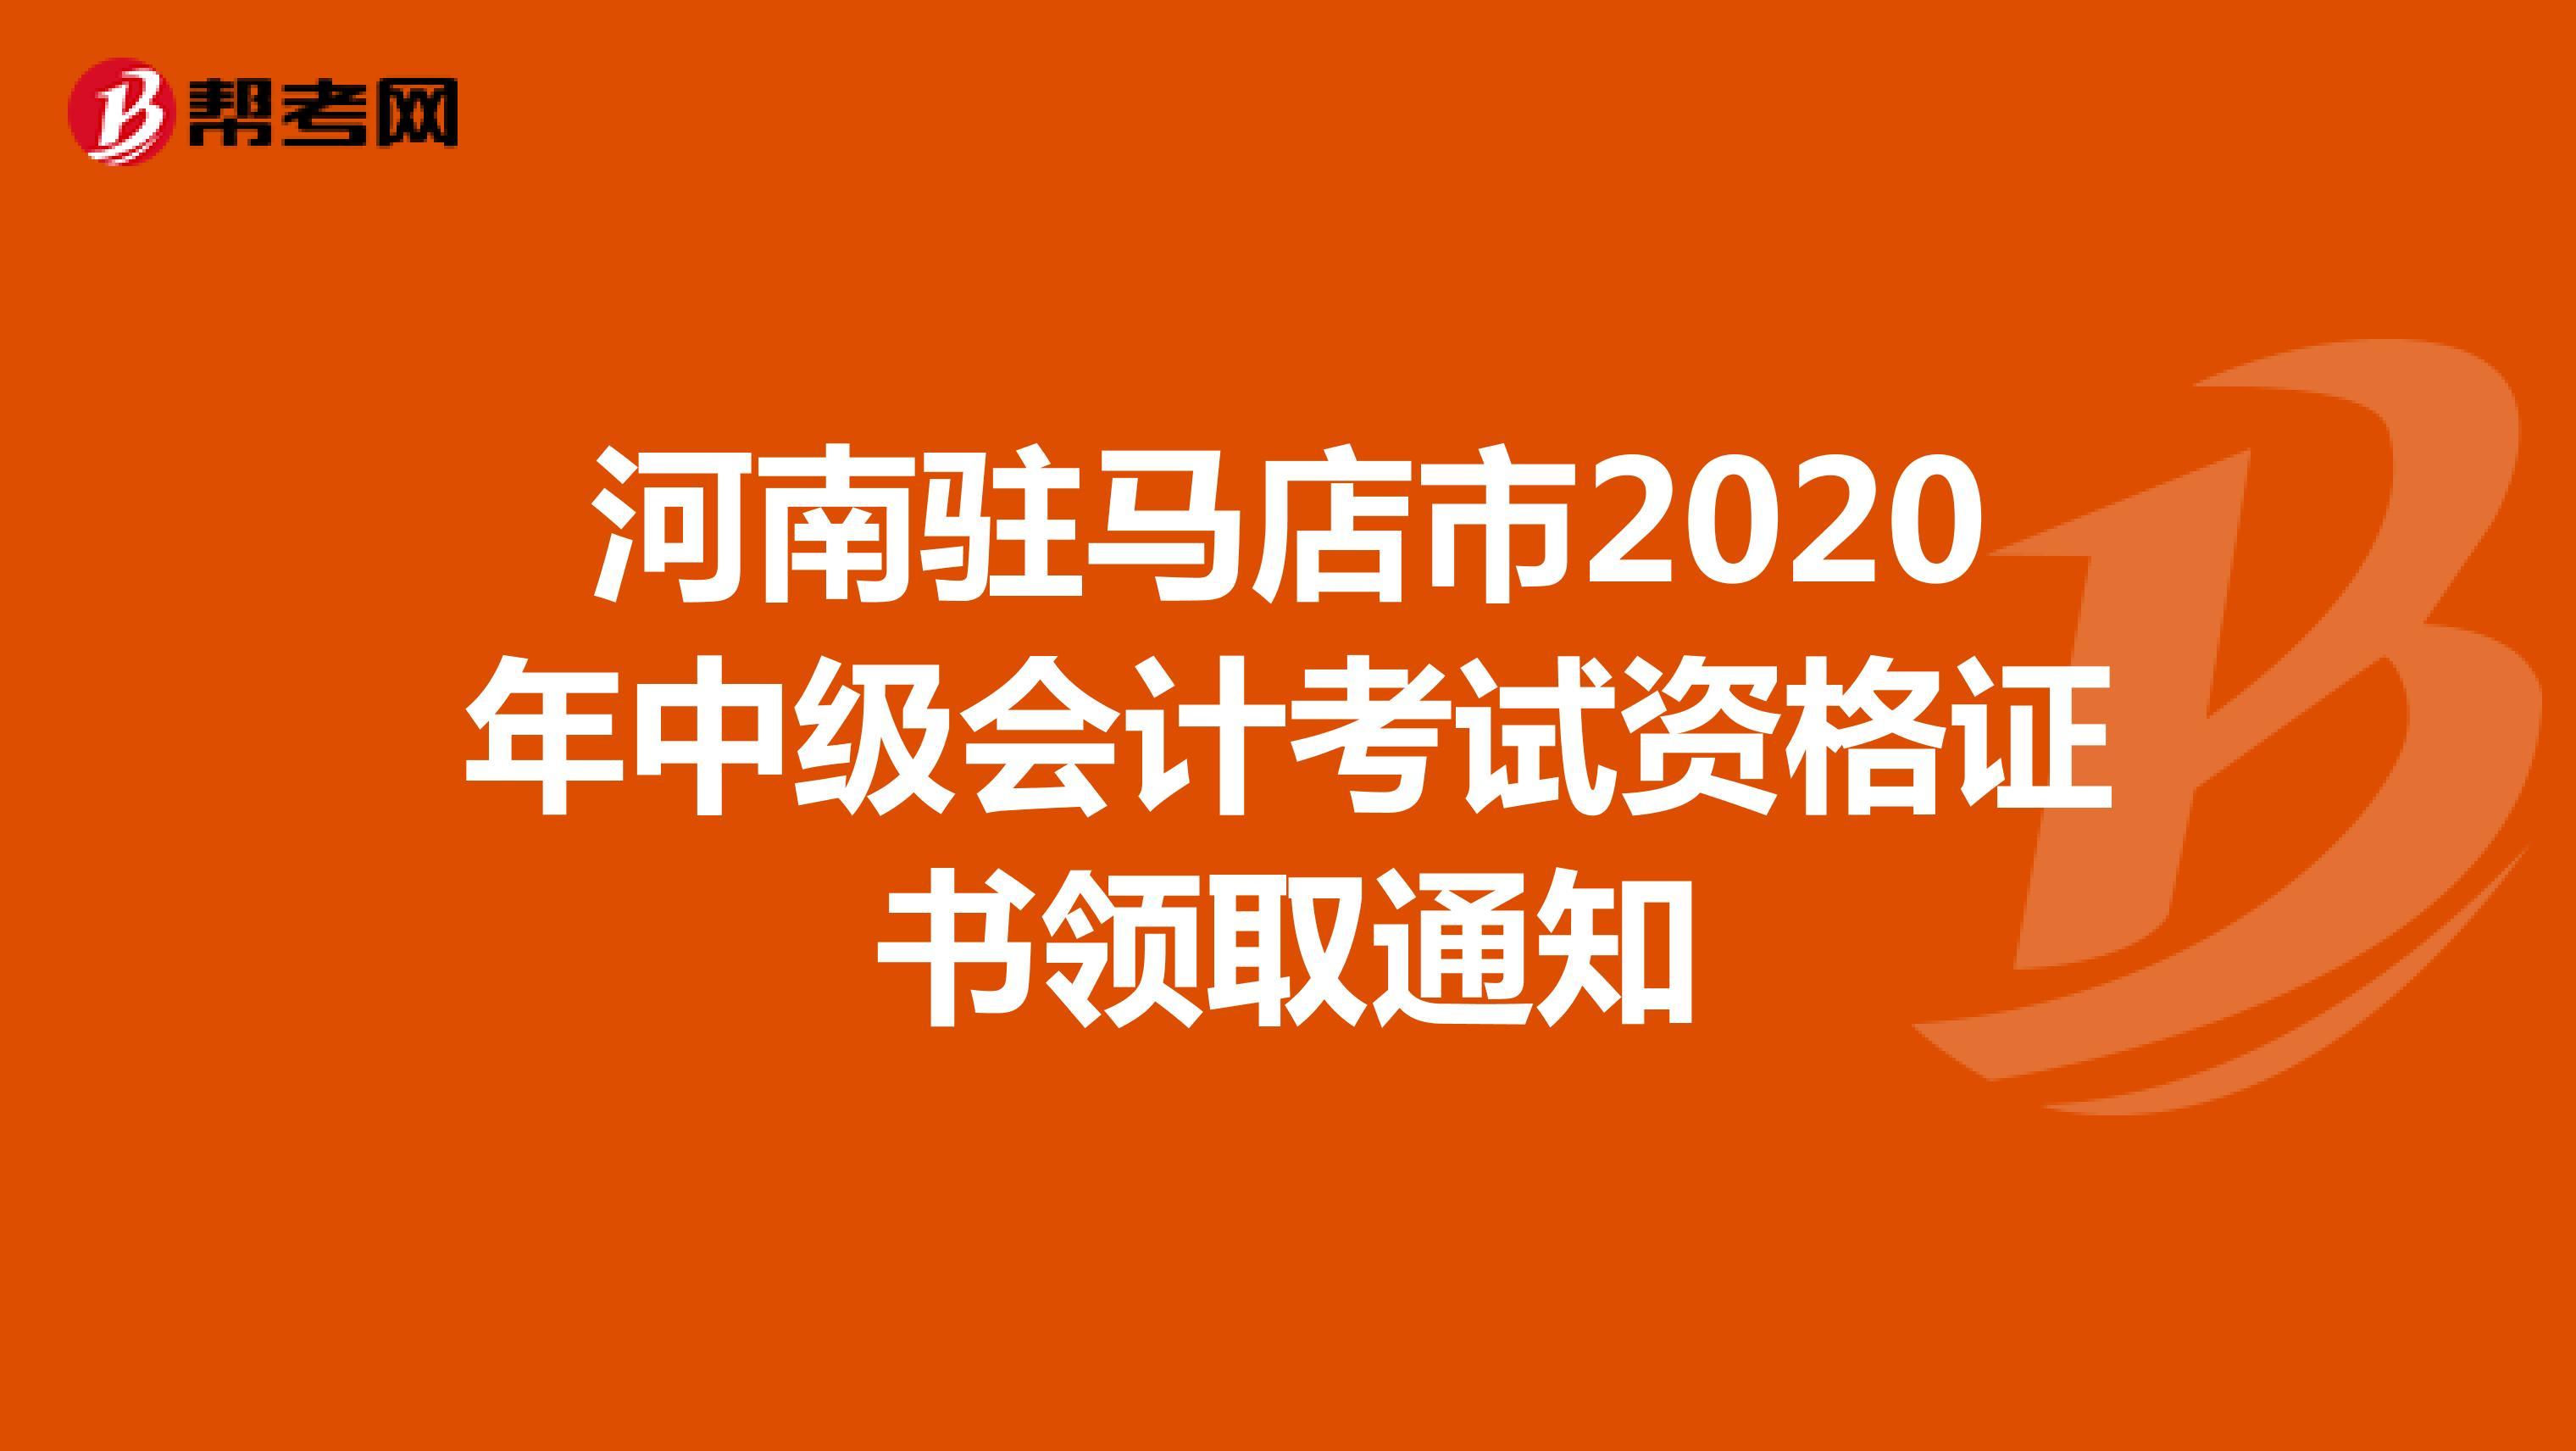 河南驻马店市2020年中级会计考试领证时间:1月26日起